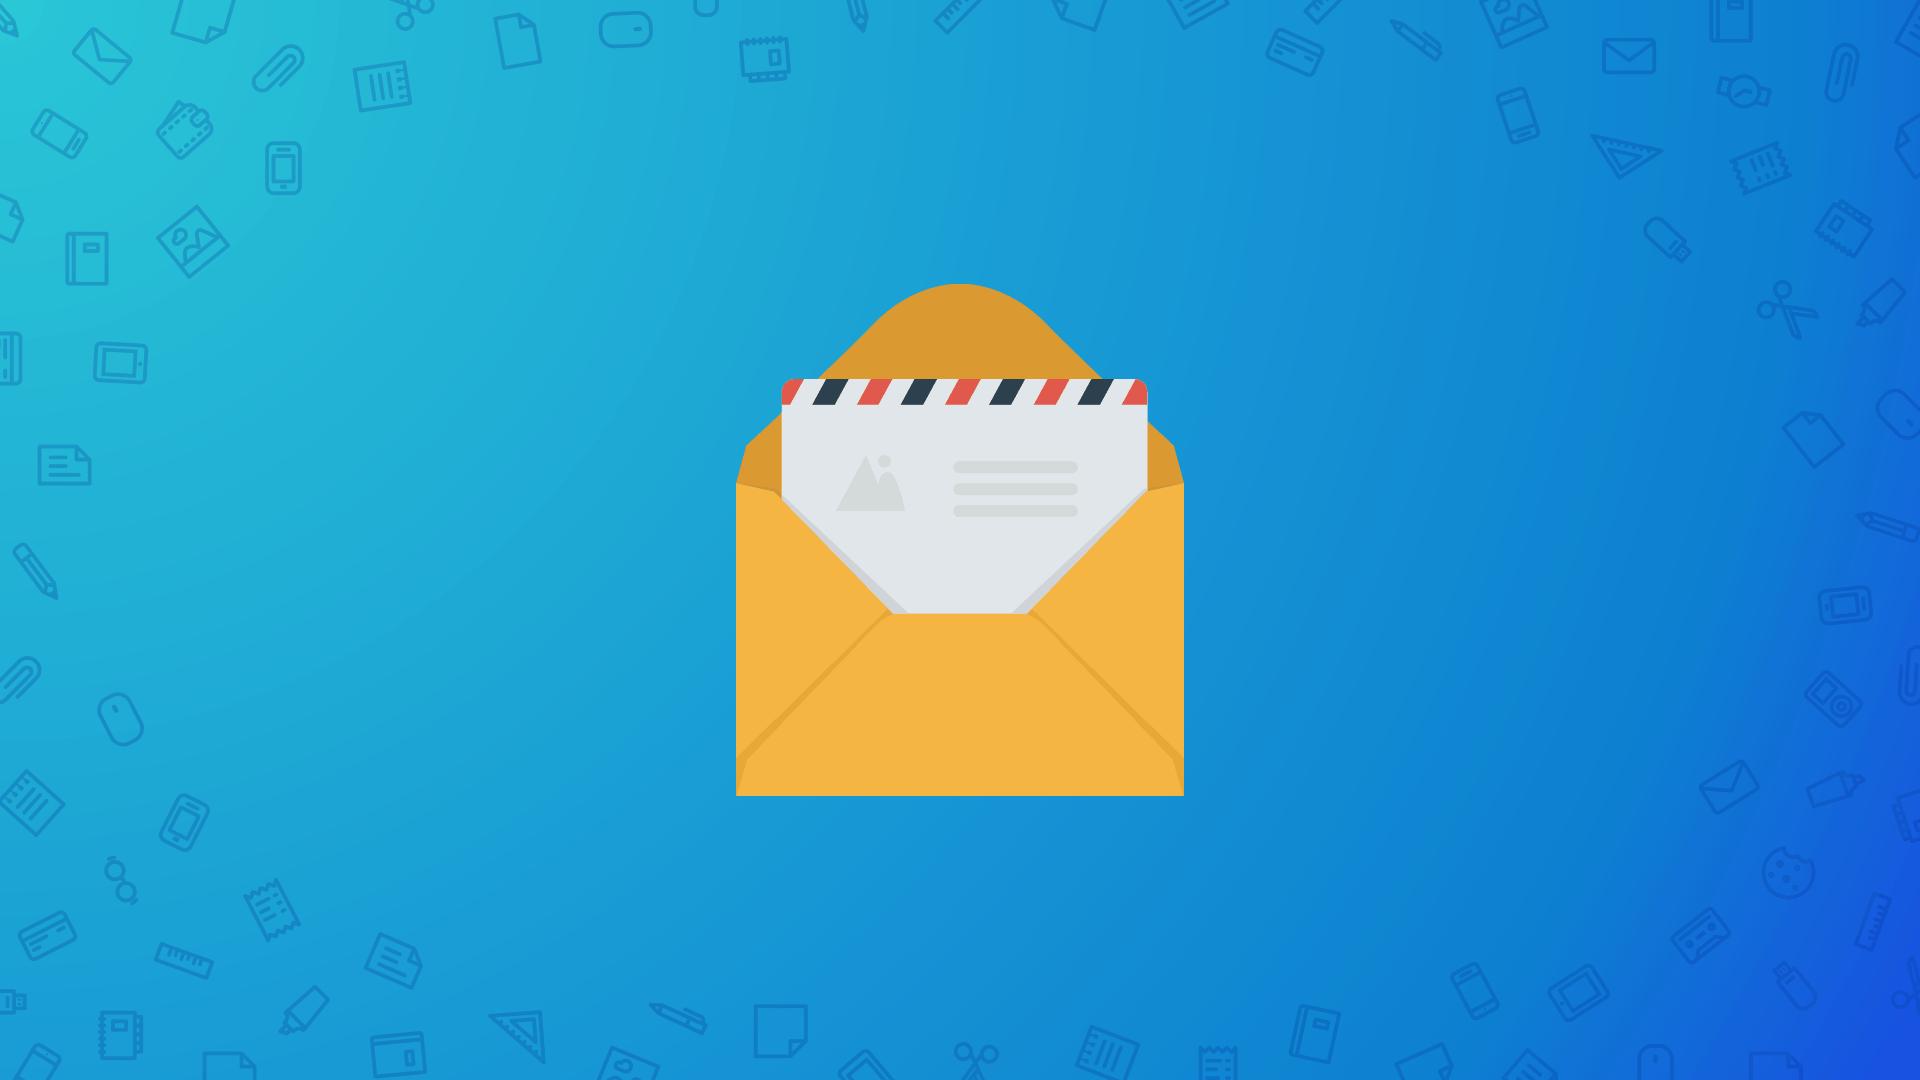 come-configurare-un-indirizzo-email-professionale-con-gmail-e-g-suite